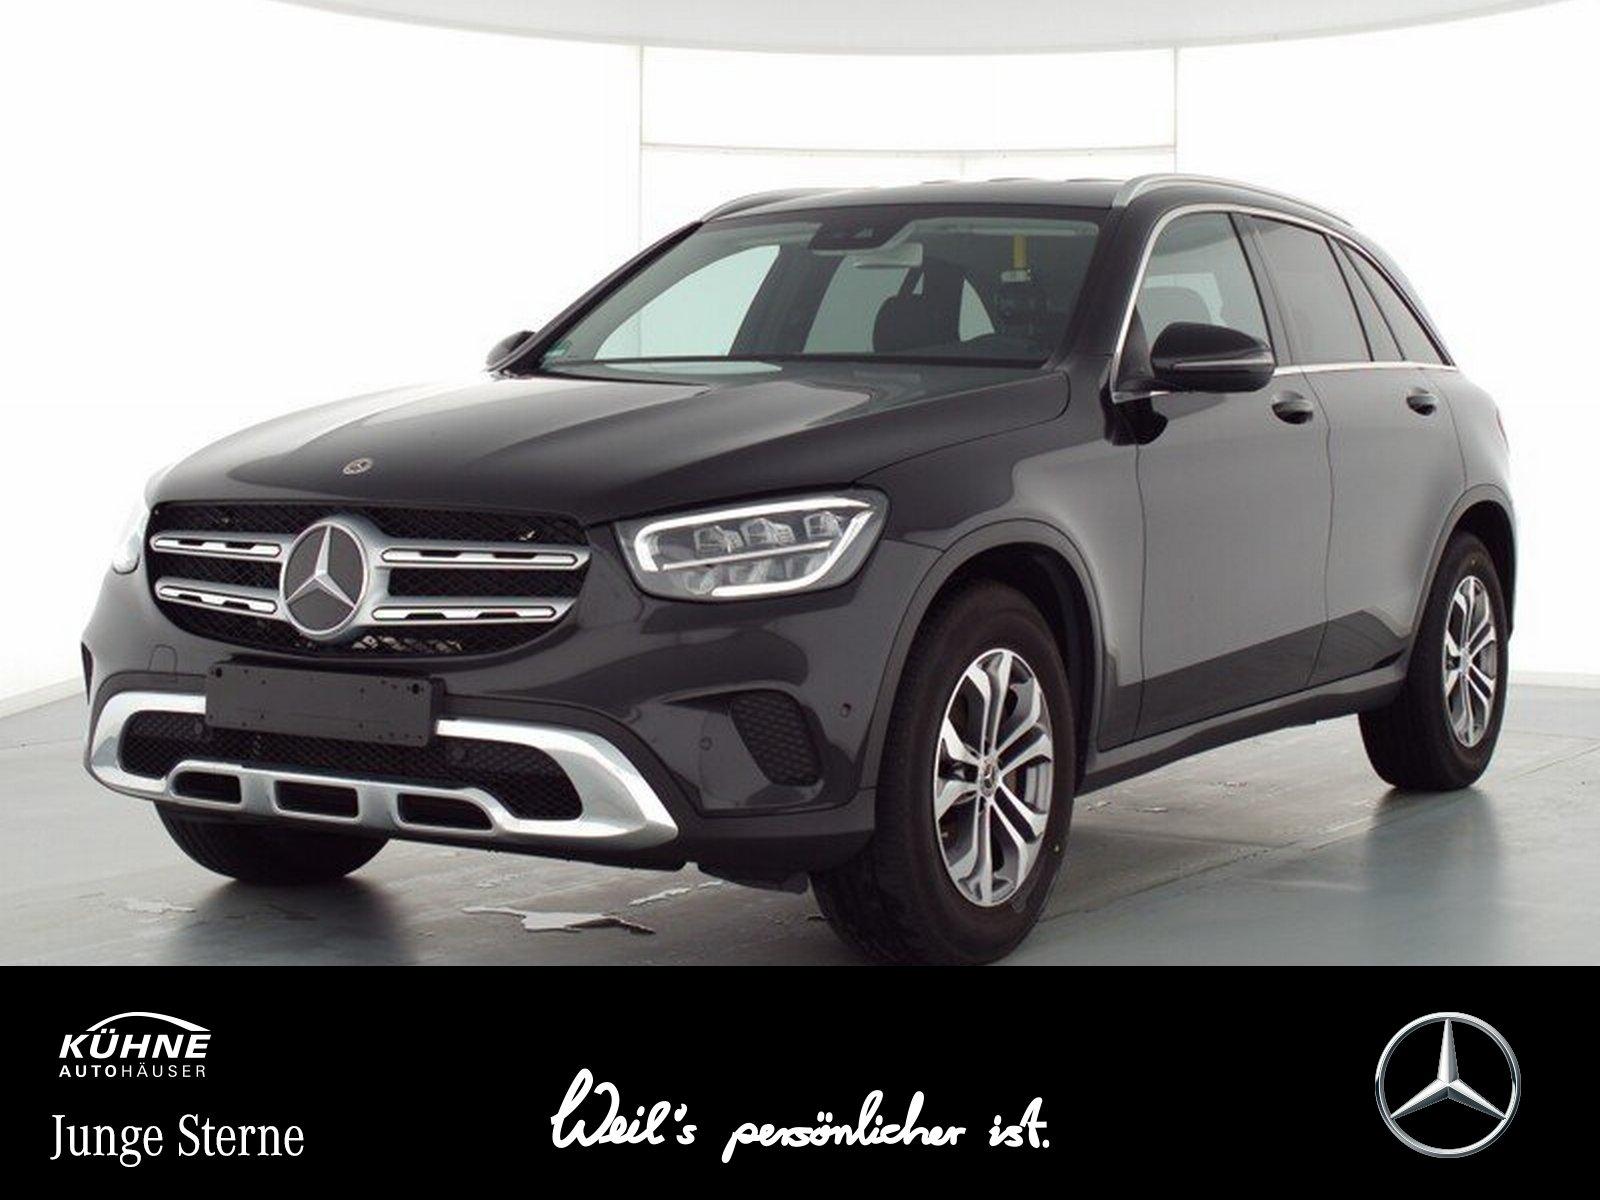 Mercedes-Benz GLC 200 4M Business Paket+Kamera+17'+Ambiente, Jahr 2020, Benzin